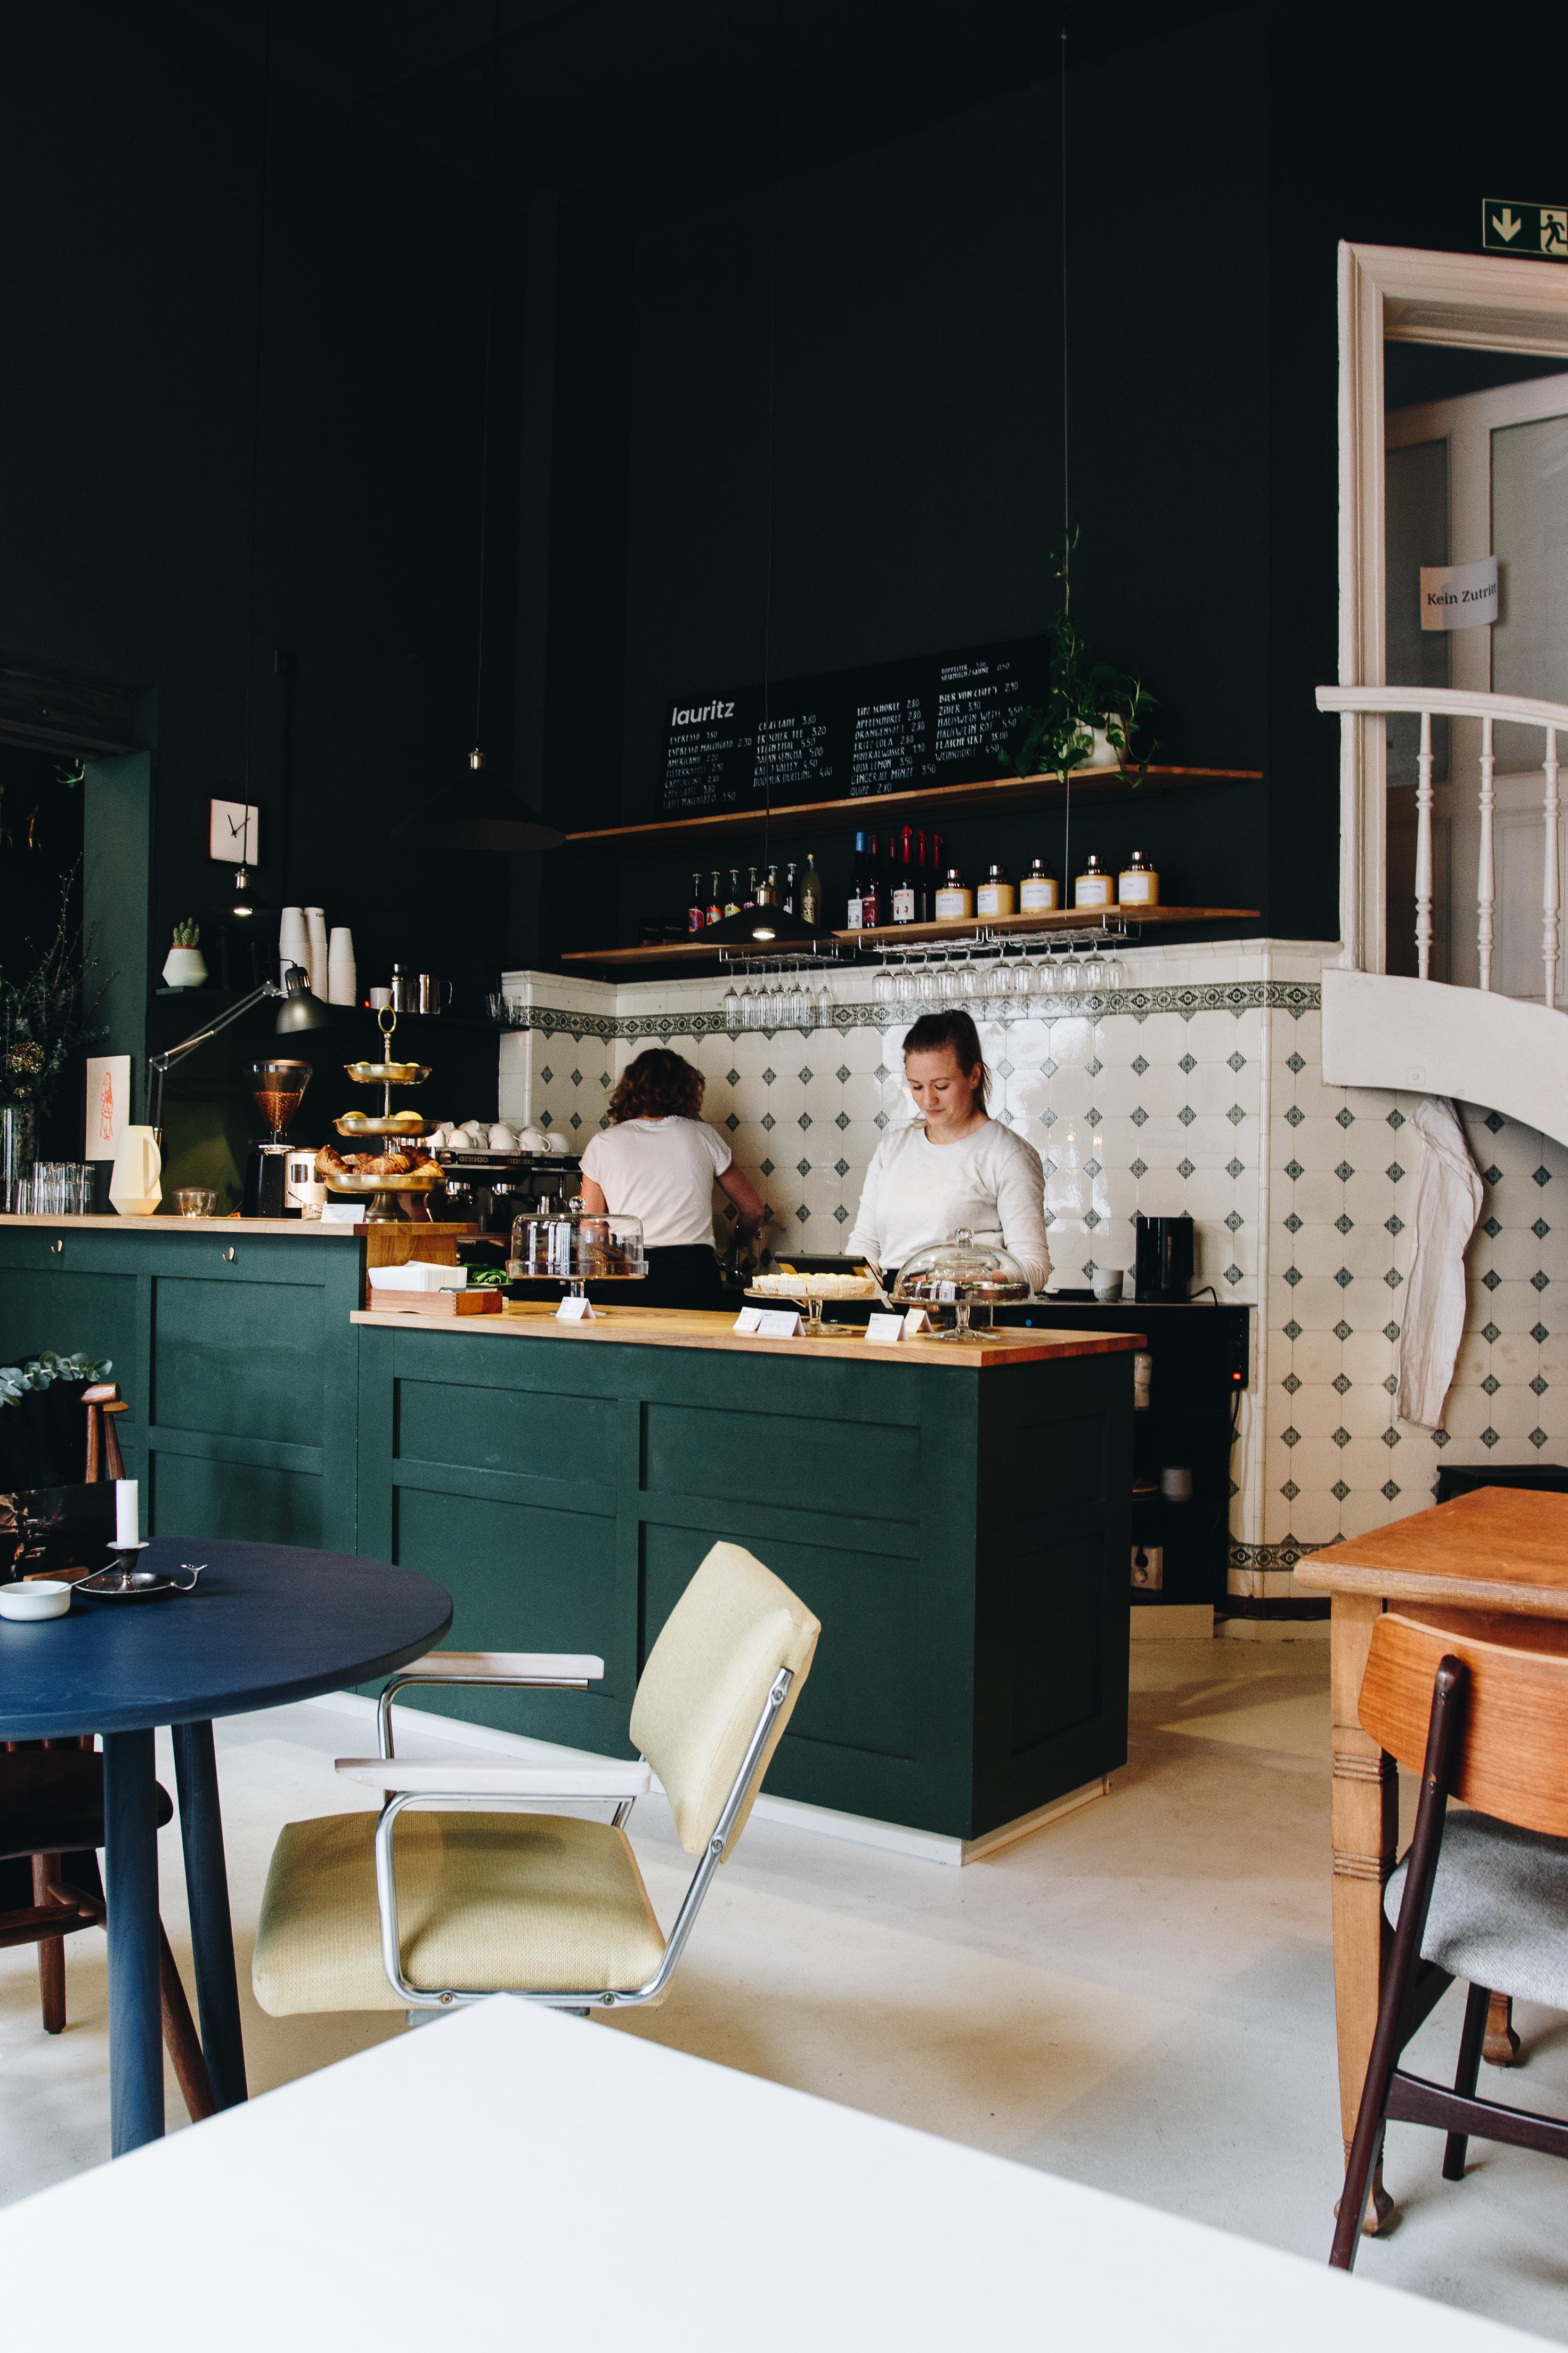 lauritz-café-handwerk-leipzig-annabelle sagt1